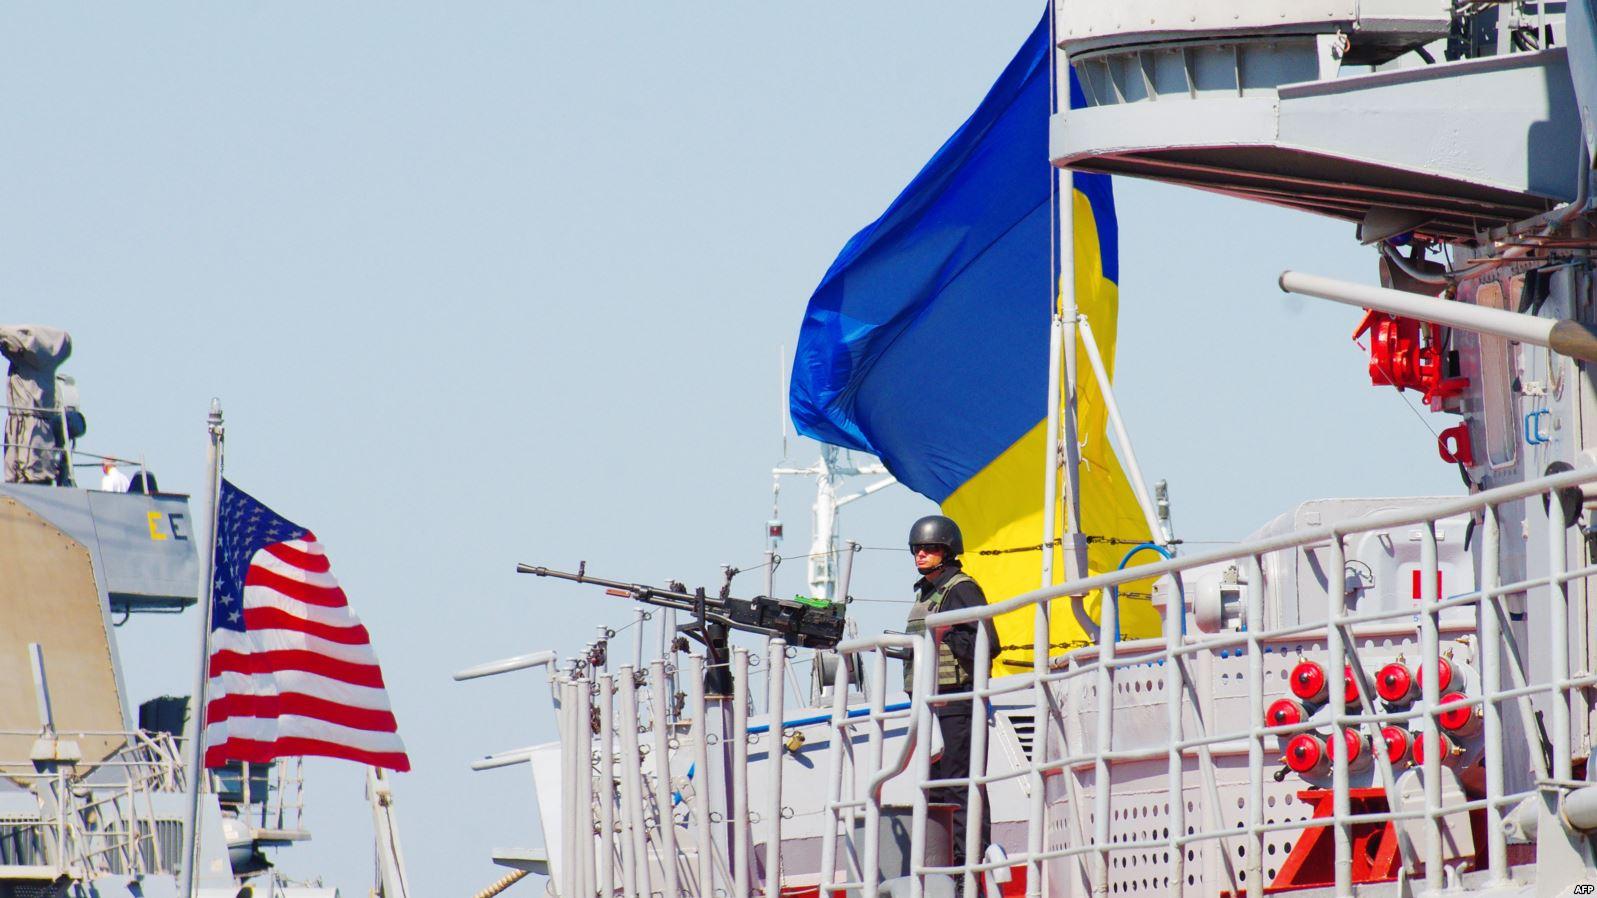 Sea Breeze. В Черном море начались учения ВМС Украины, США и стран НАТО –  фото - новости Украины, Происшествия - LIGA.net